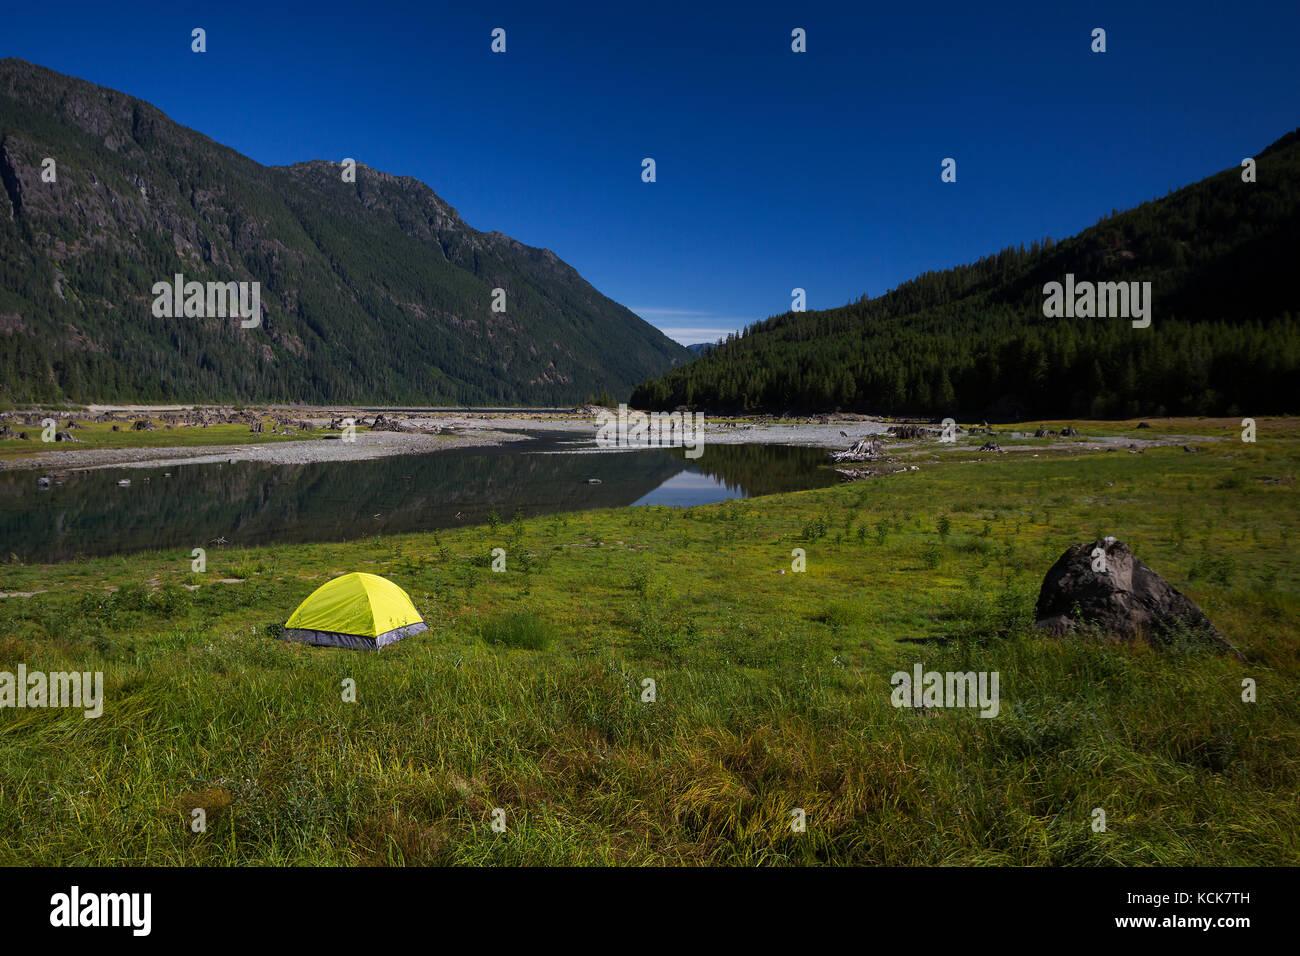 Une famille tente vert vif à la tête de Buttle Lake dans le parc Strathcona fournit un contraste d'un ciel bleu Banque D'Images